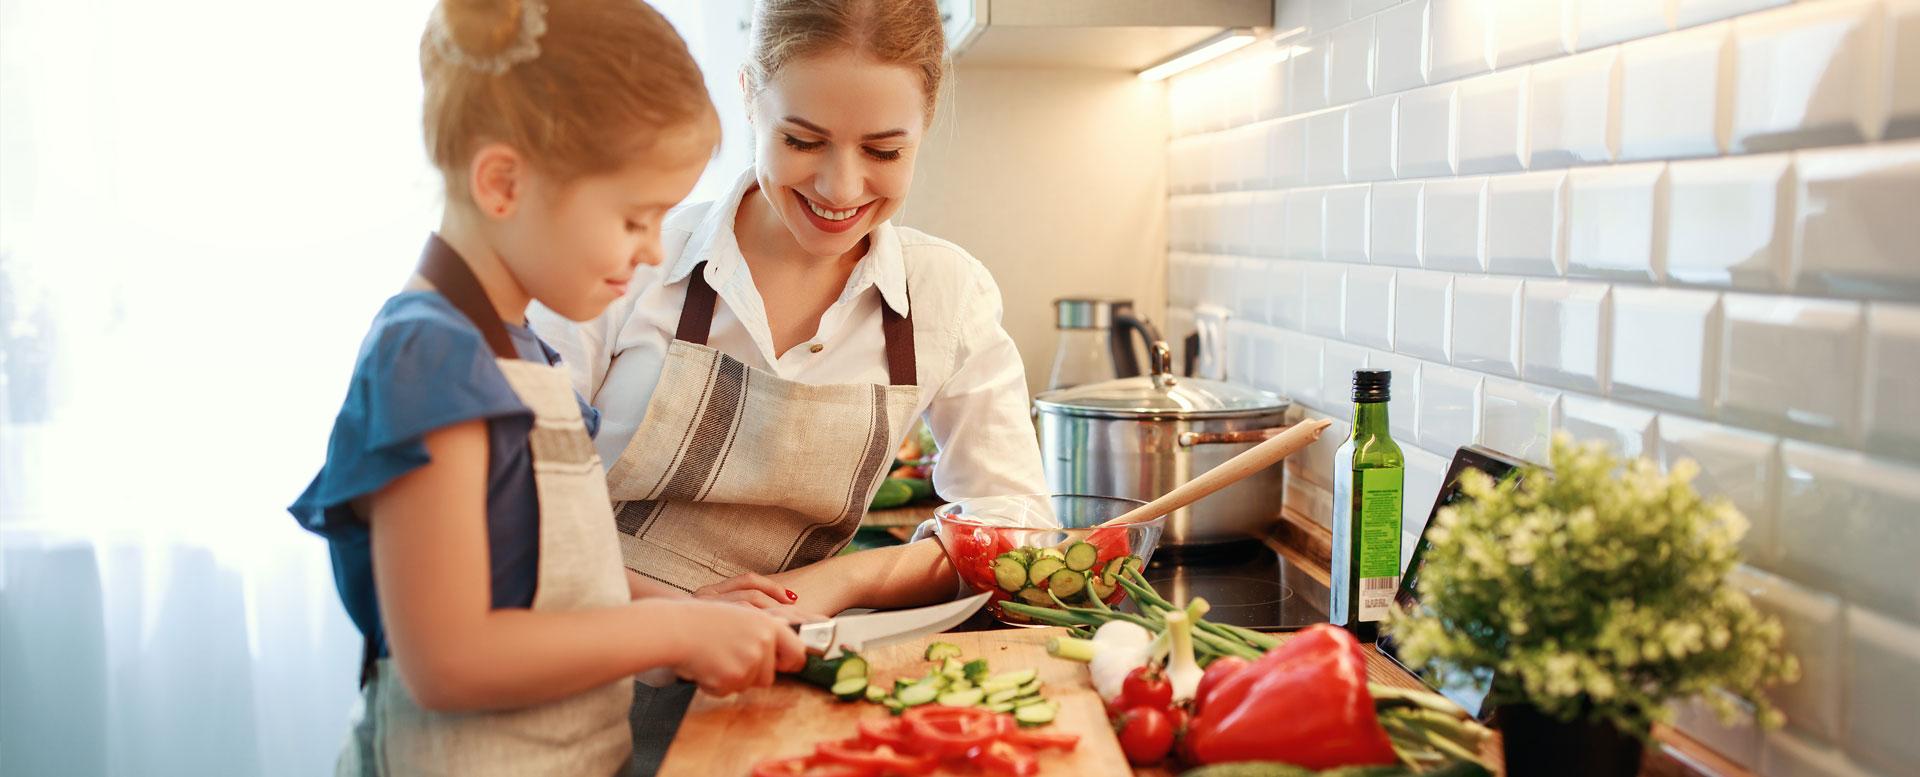 Kochen mit Kindern - Rezeptideen